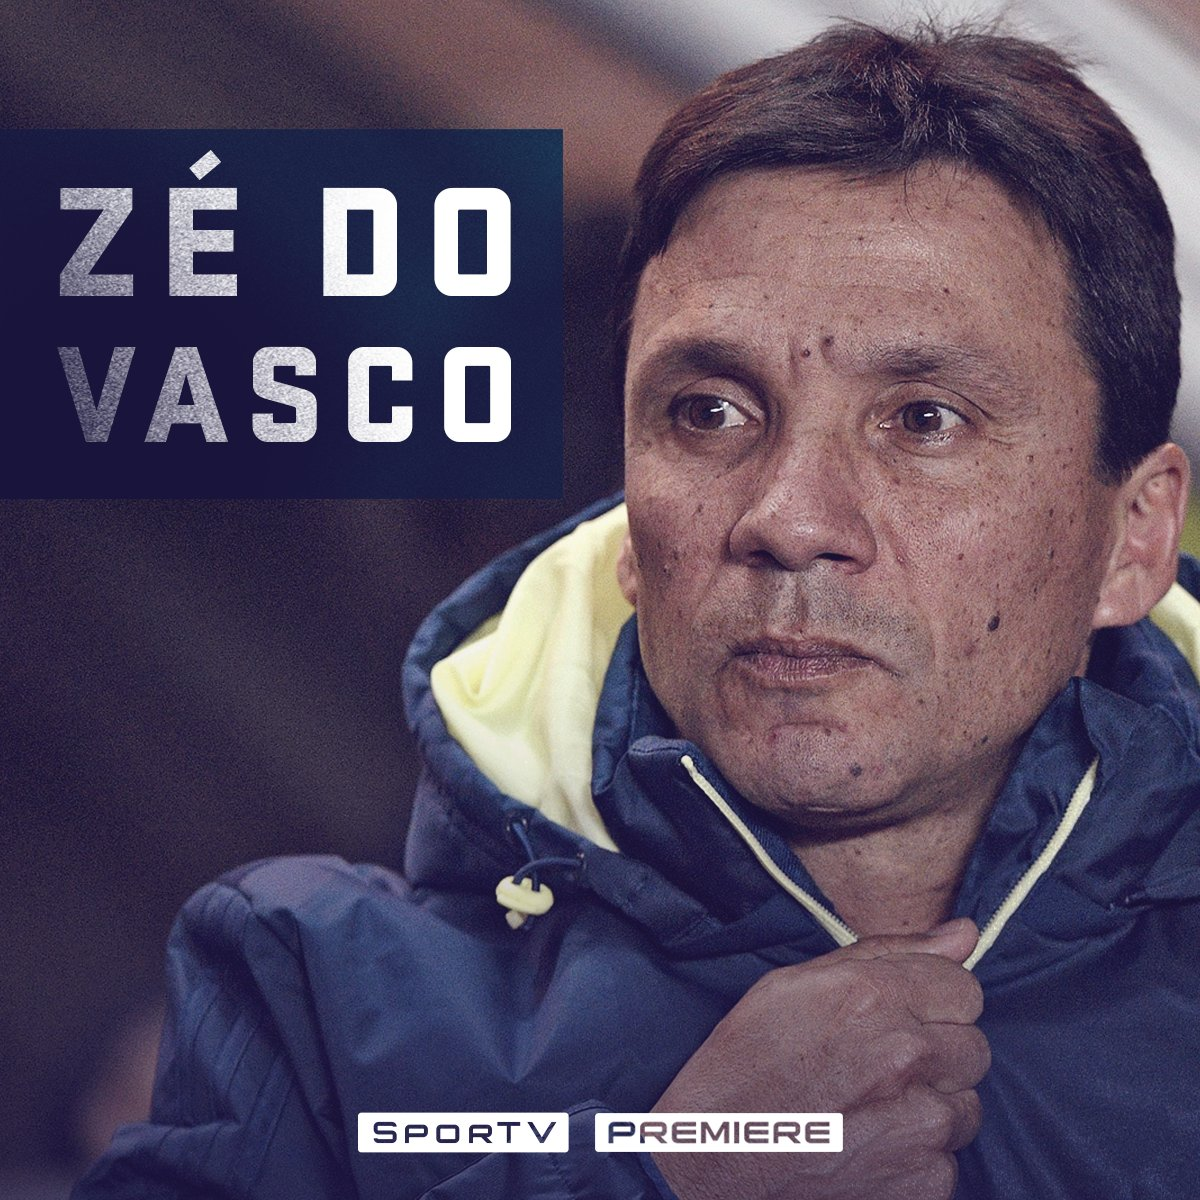 OFICIAL: Zé Ricardo é o novo treinador do Vasco!   #SelecaoSporTV